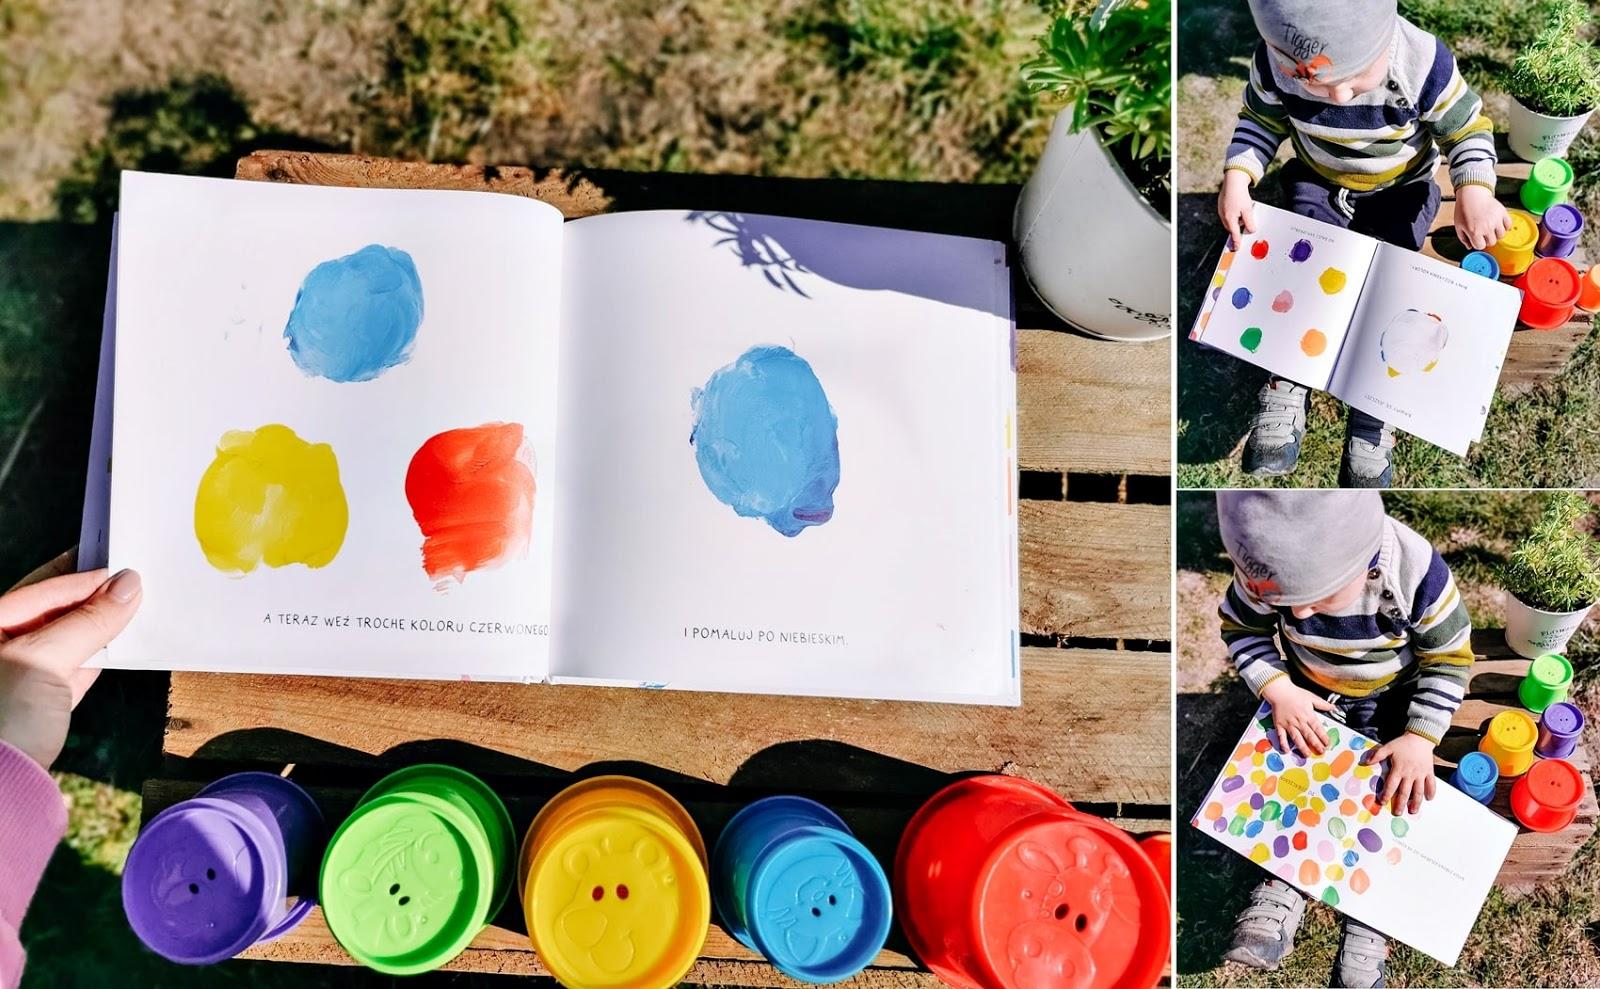 nauka-kolorow-przez-zabawe